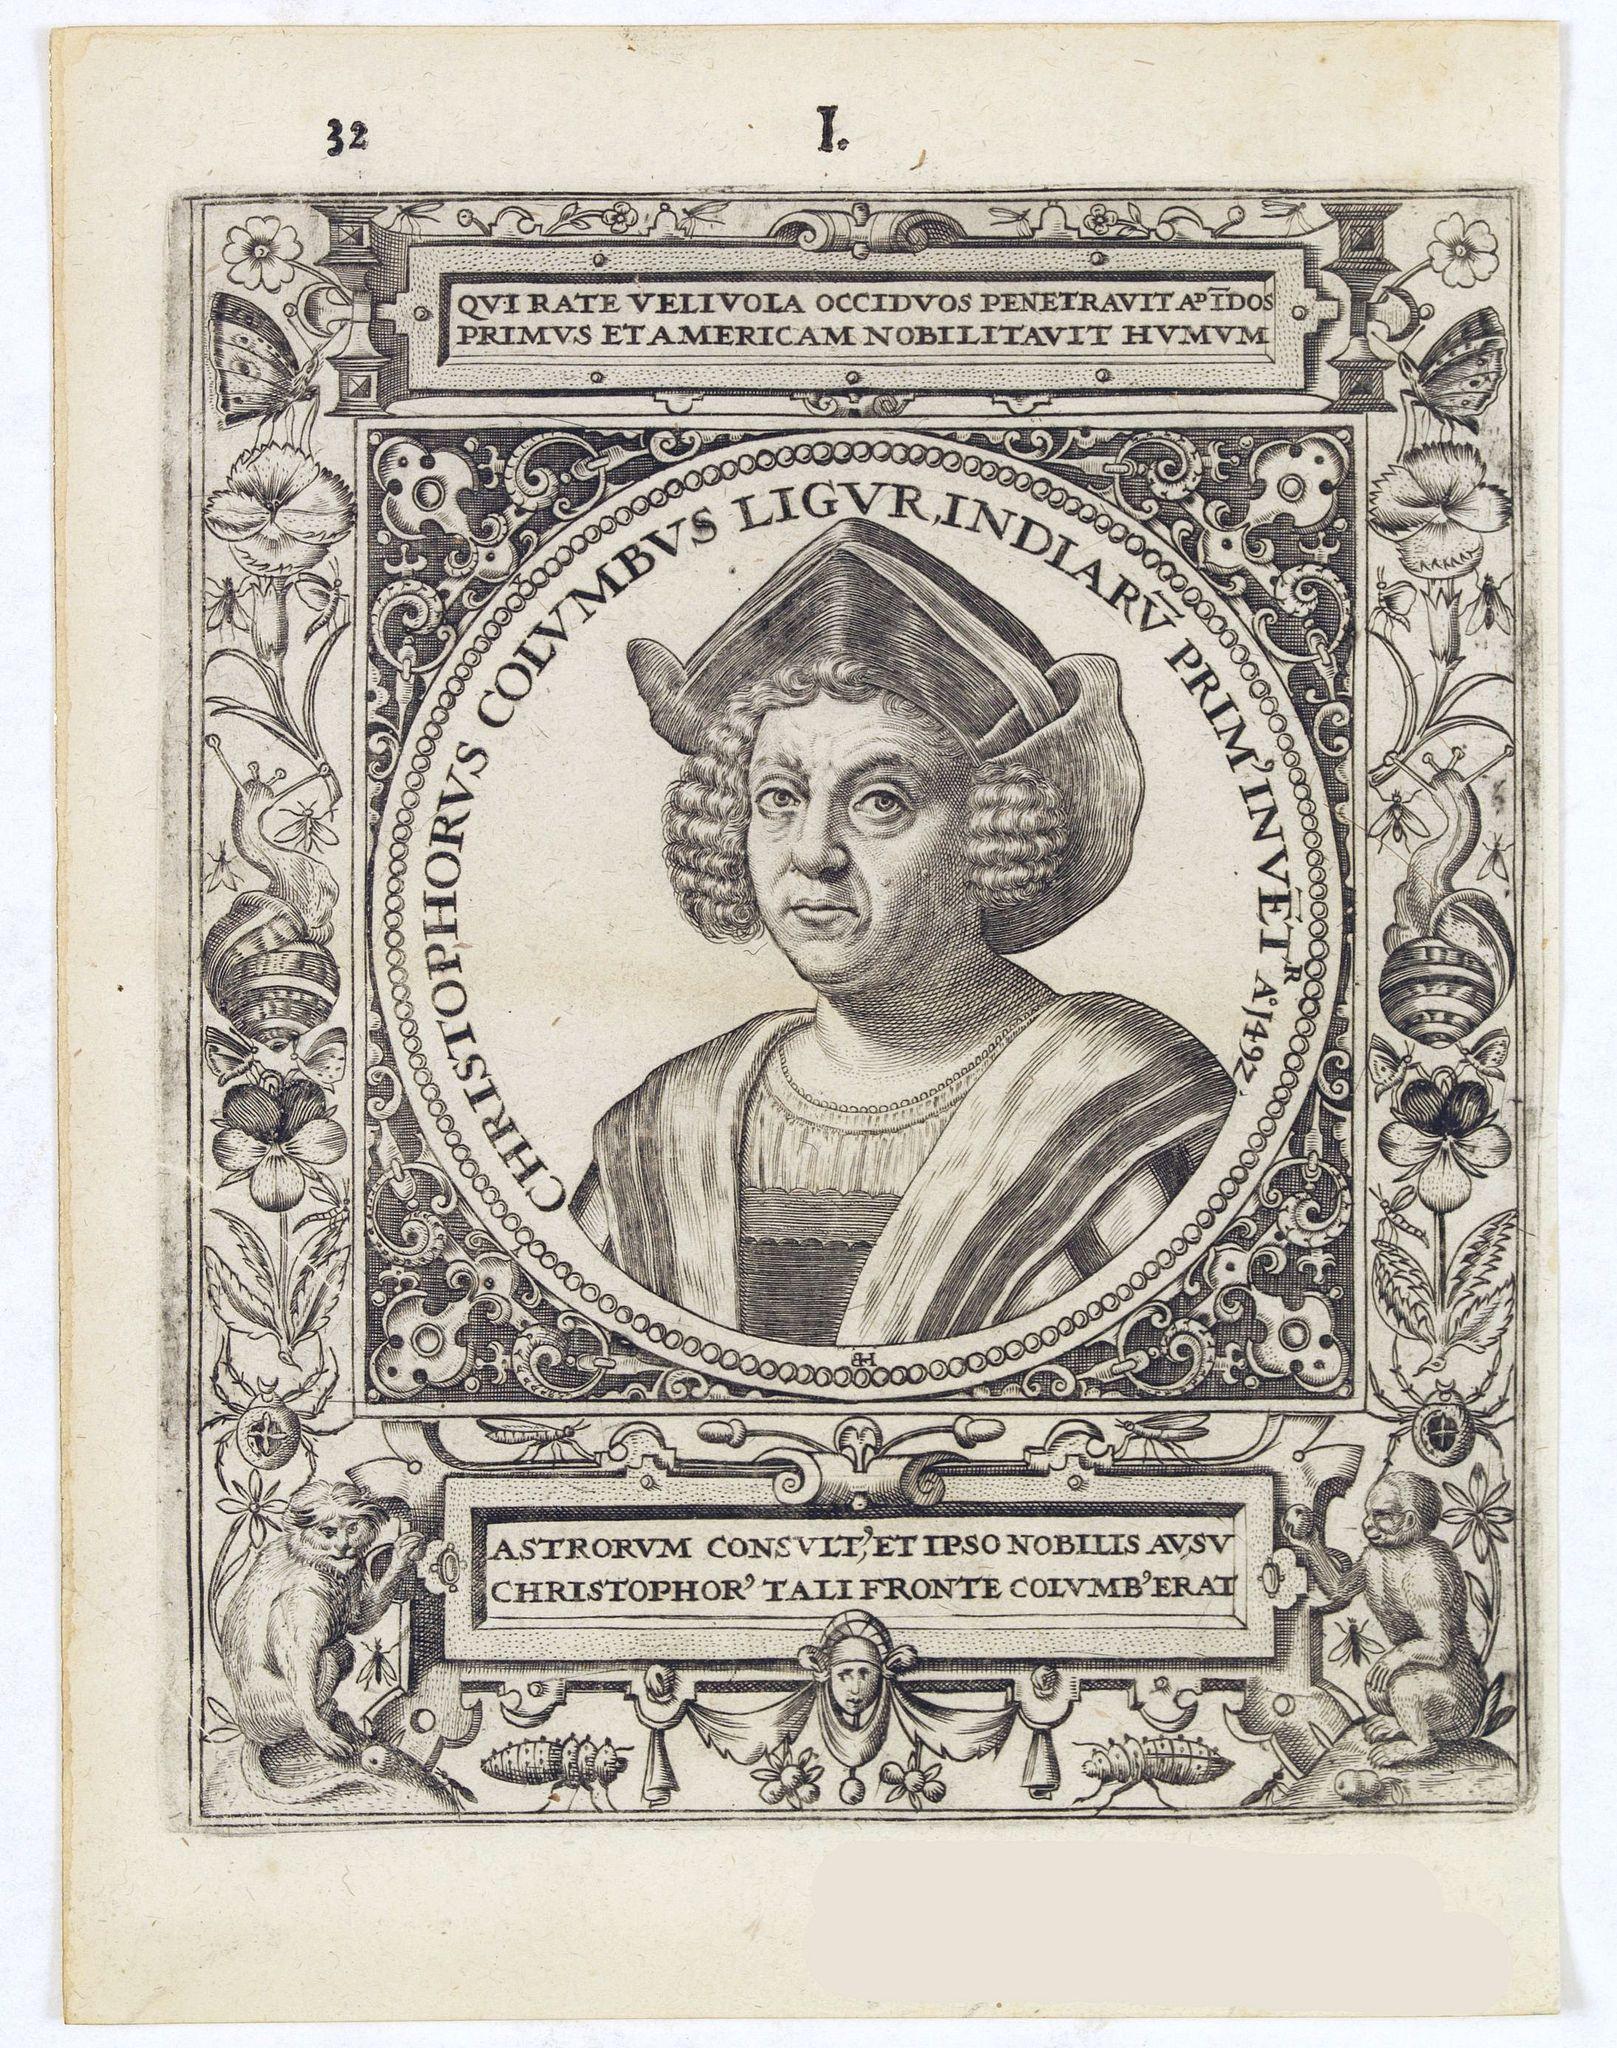 DE BRY, Th. -  Christophorus Columus Ligur Indiarum  Prim invet A°1492